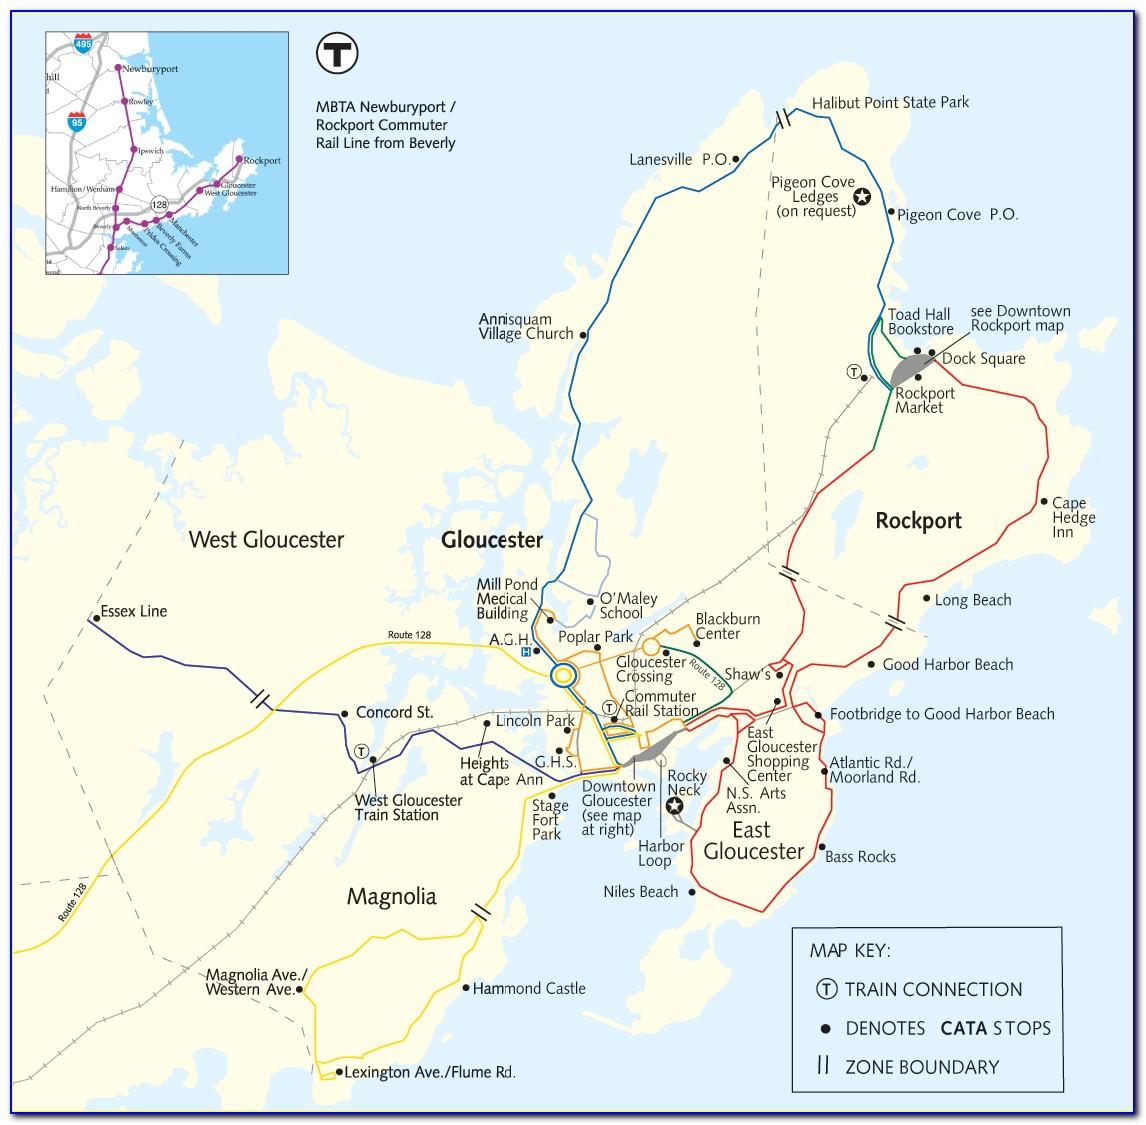 Nautical Map Of Cape Ann